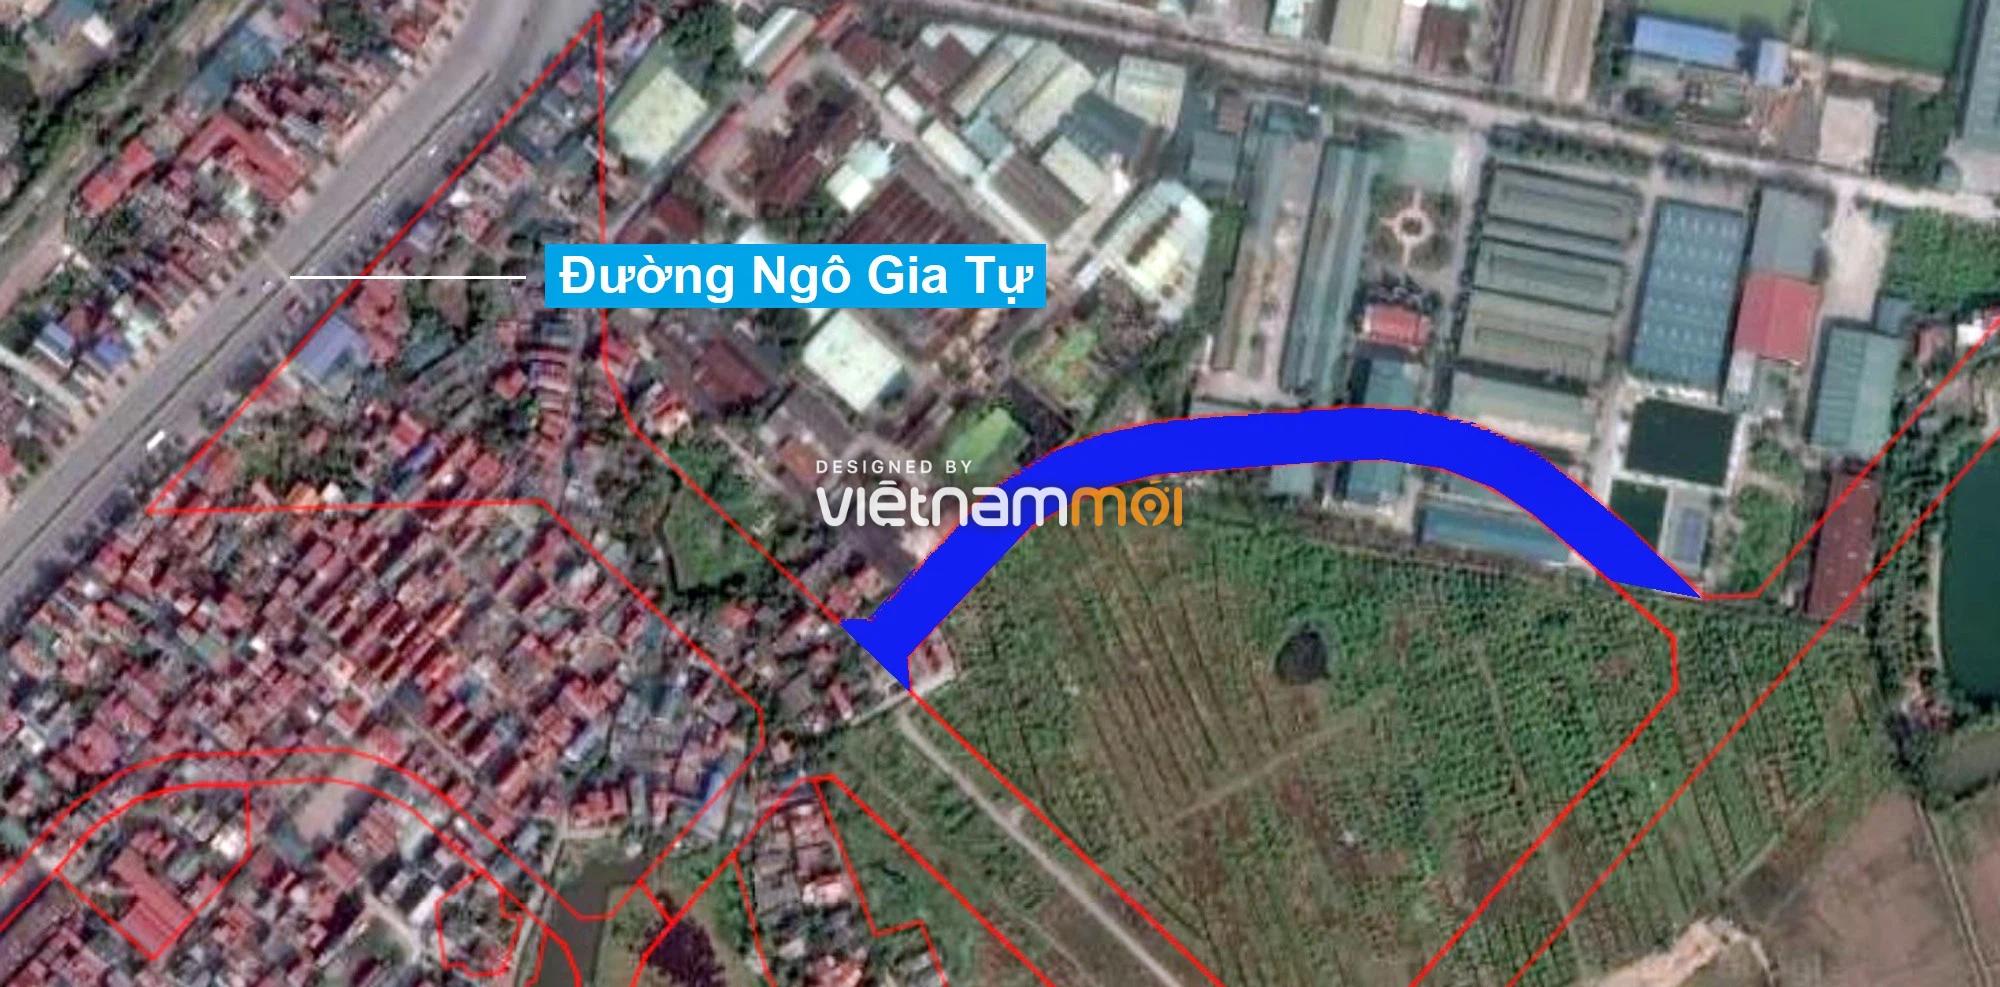 Những khu đất sắp thu hồi để mở đường ở phường Đức Giang, Long Biên, Hà Nội (phần 1) - Ảnh 7.